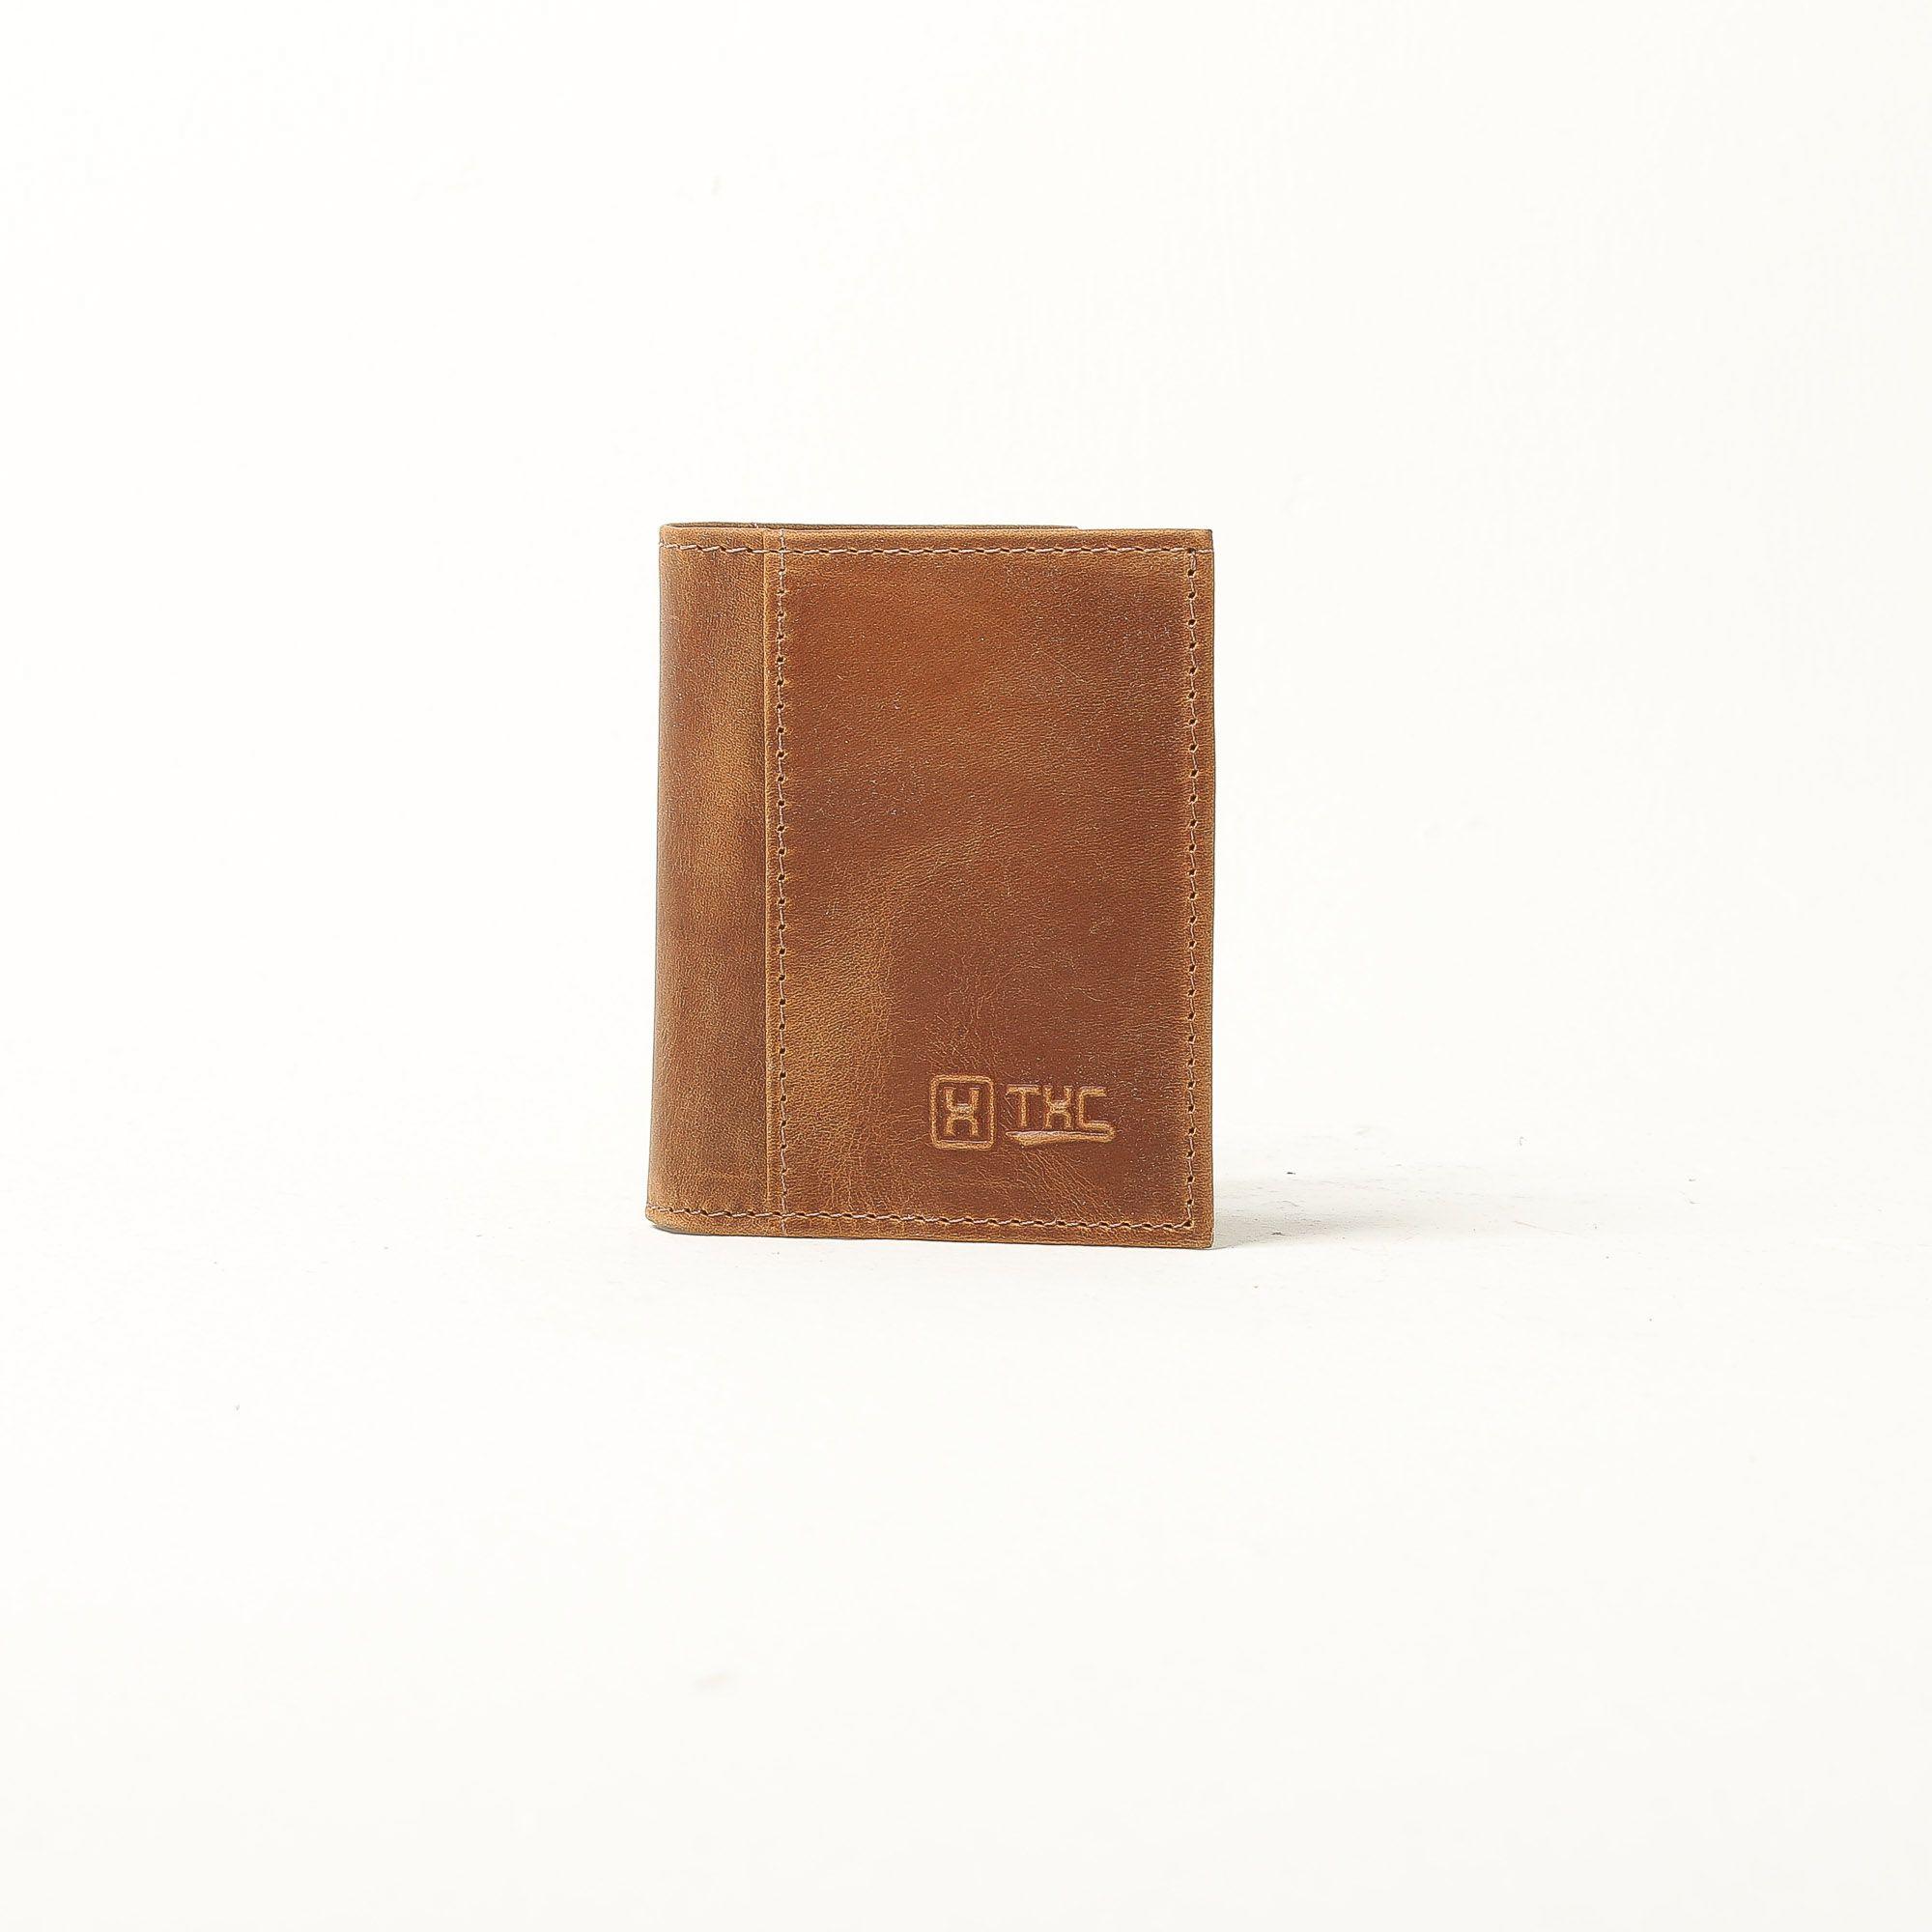 Carteira TXC Brand 11028